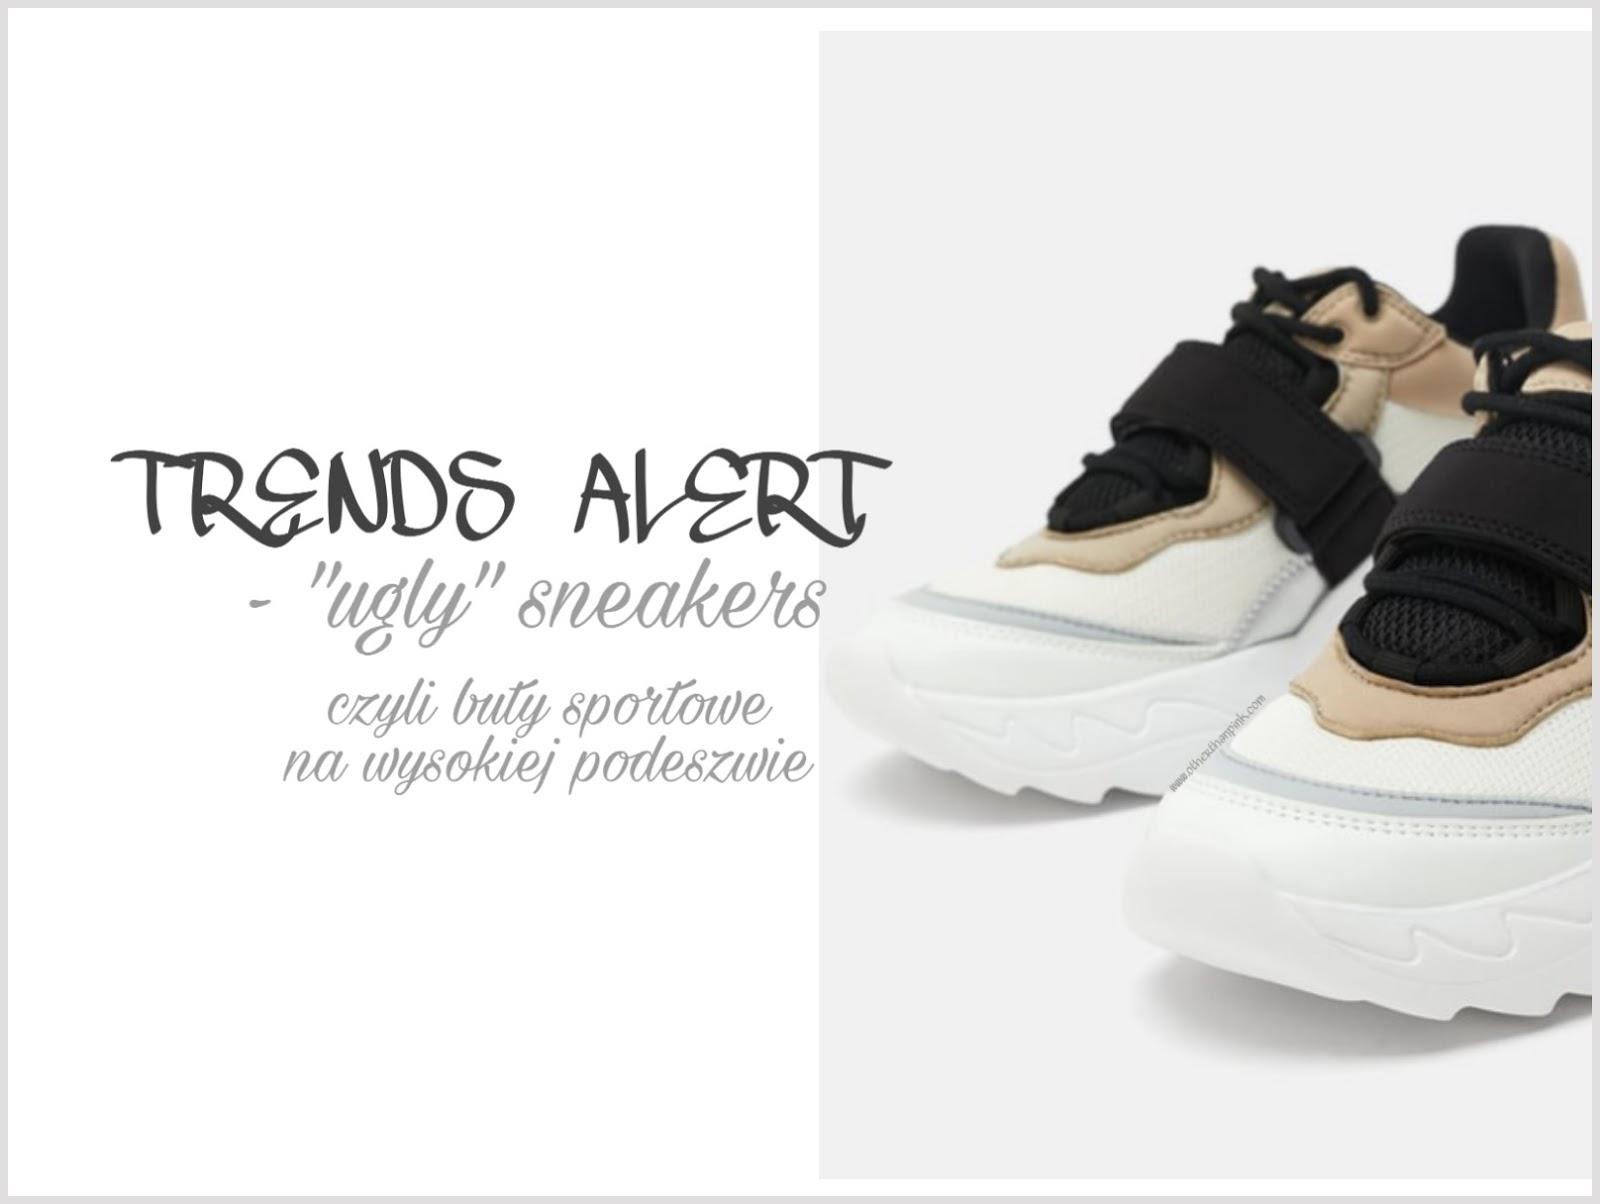 Trends Alert - Ugly shoes czyli sneakersy na grubej podeszwie